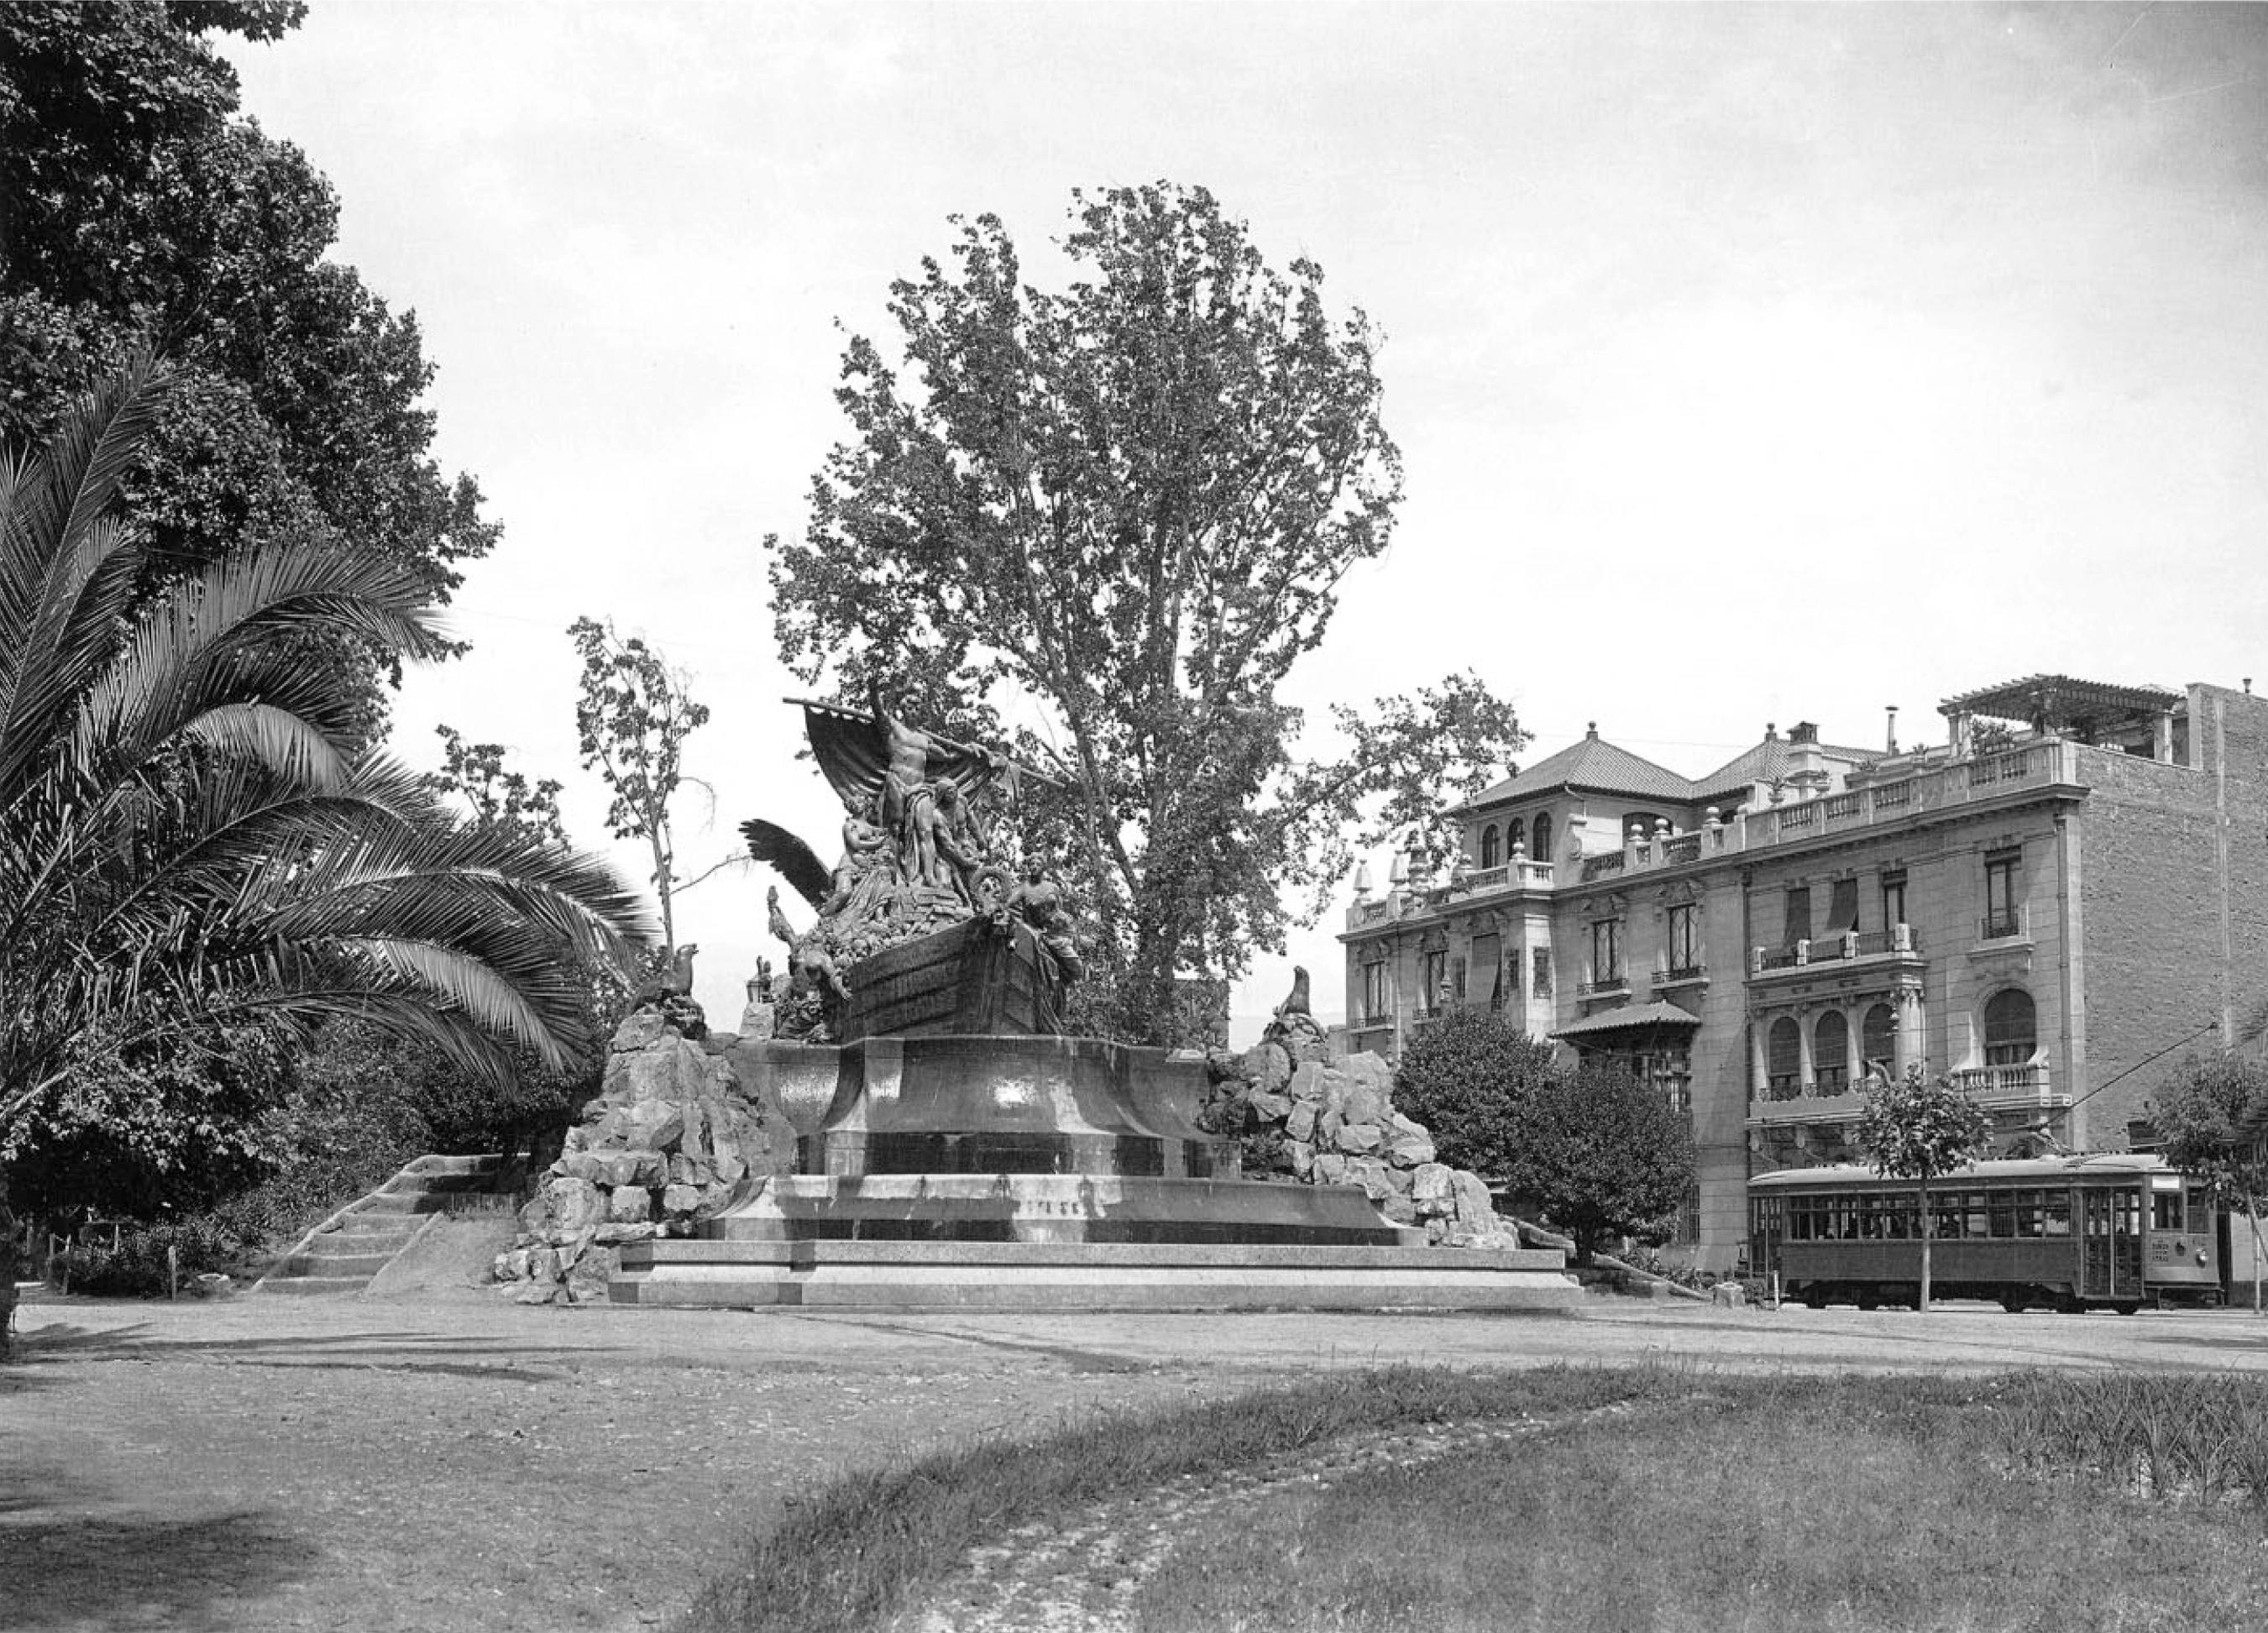 Enterreno - Fotos históricas de chile - fotos antiguas de Chile - Fuente Alemana de Santiago, 1926